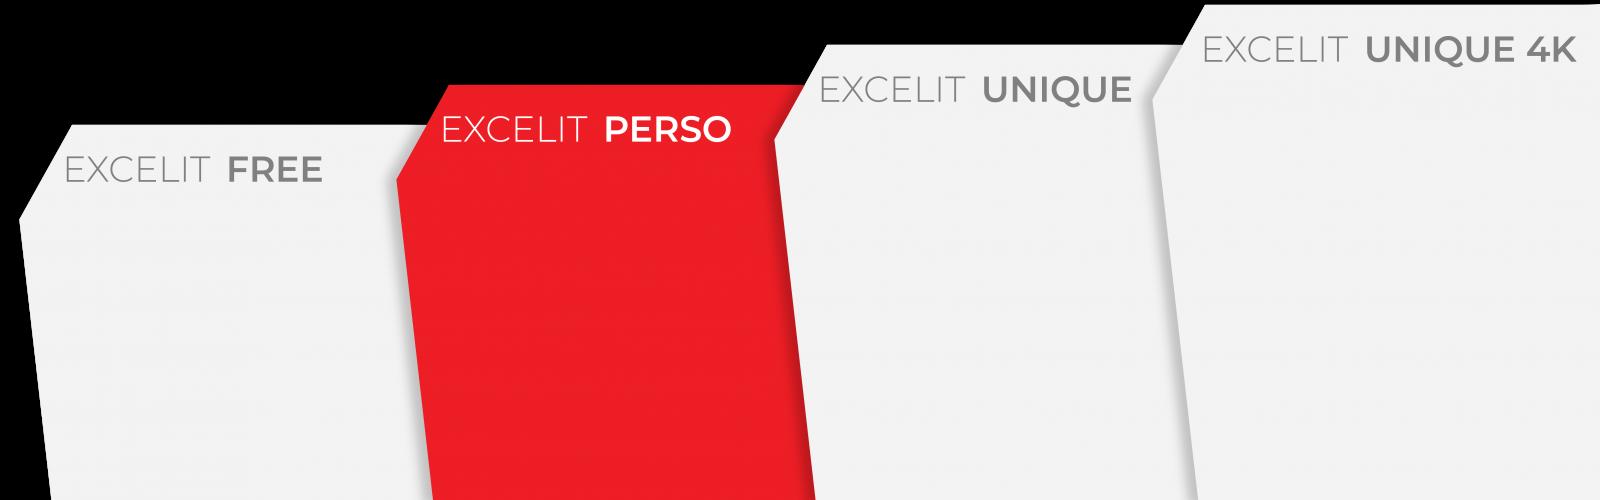 Excelit_Perso_Hero2